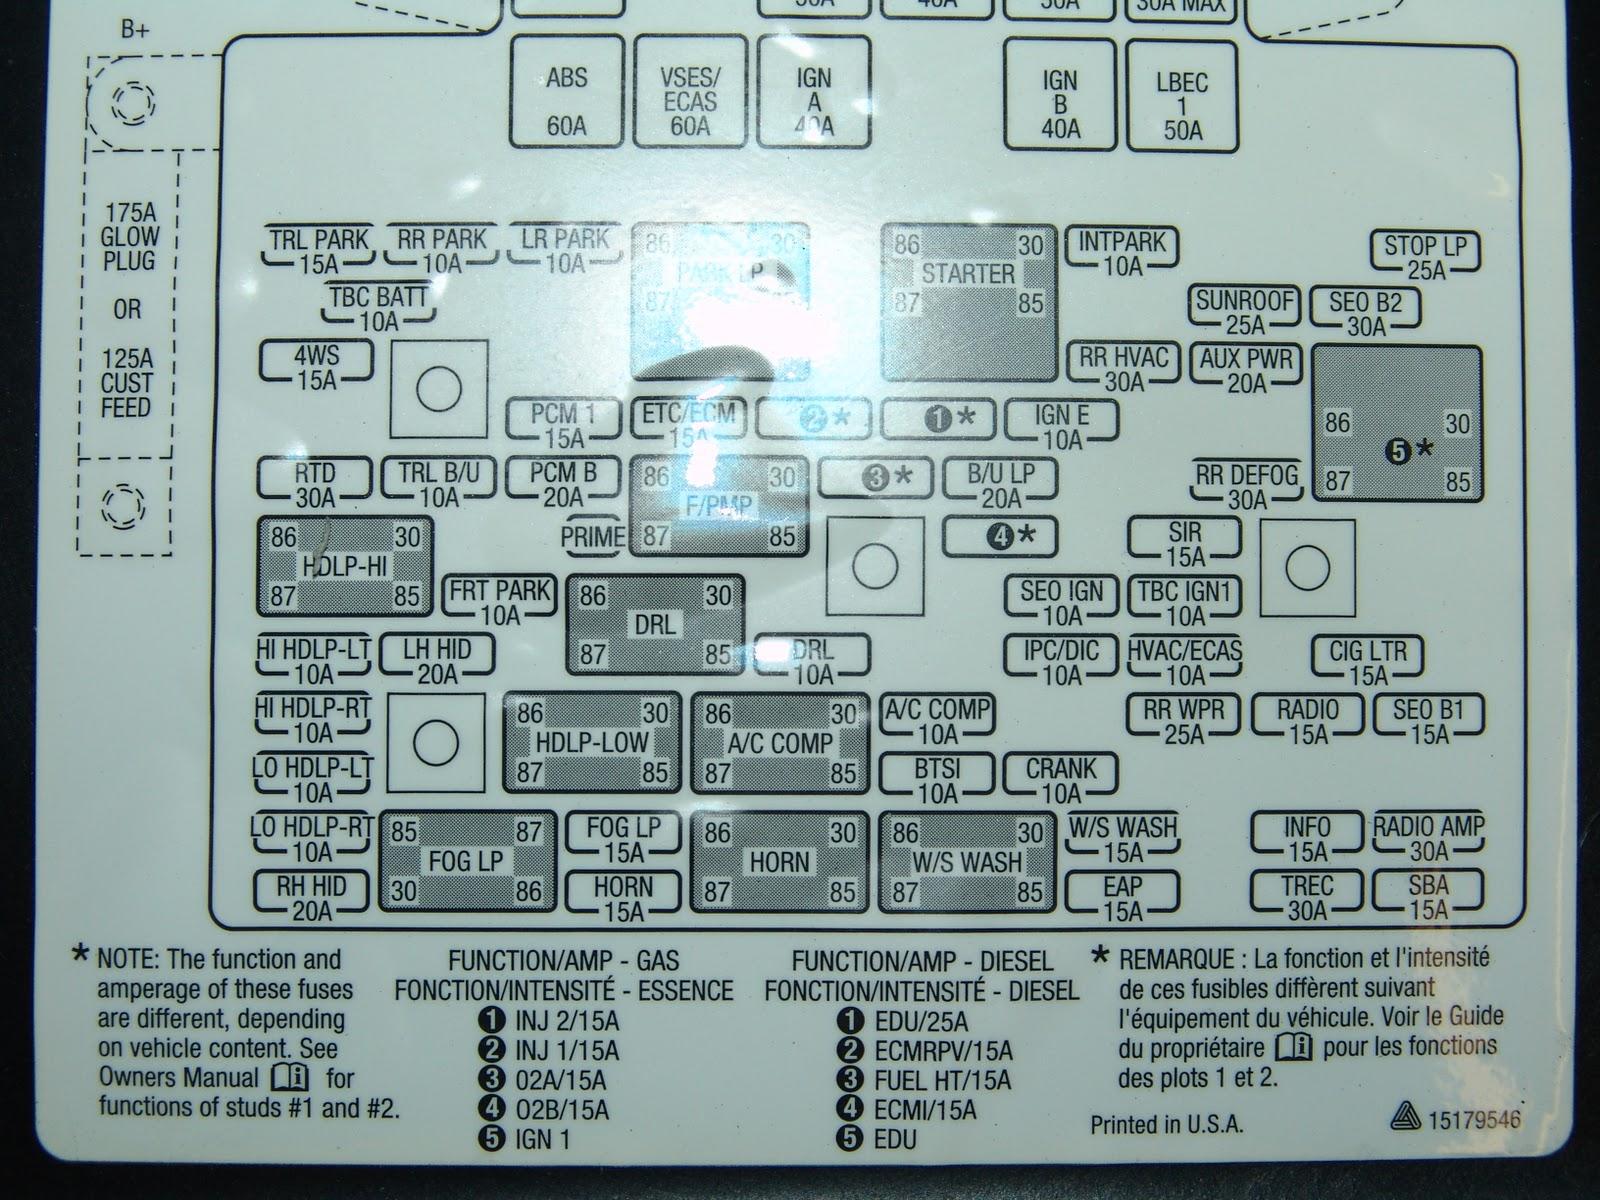 Freightliner Trucks Fuse Box - wiring diagrams schematics